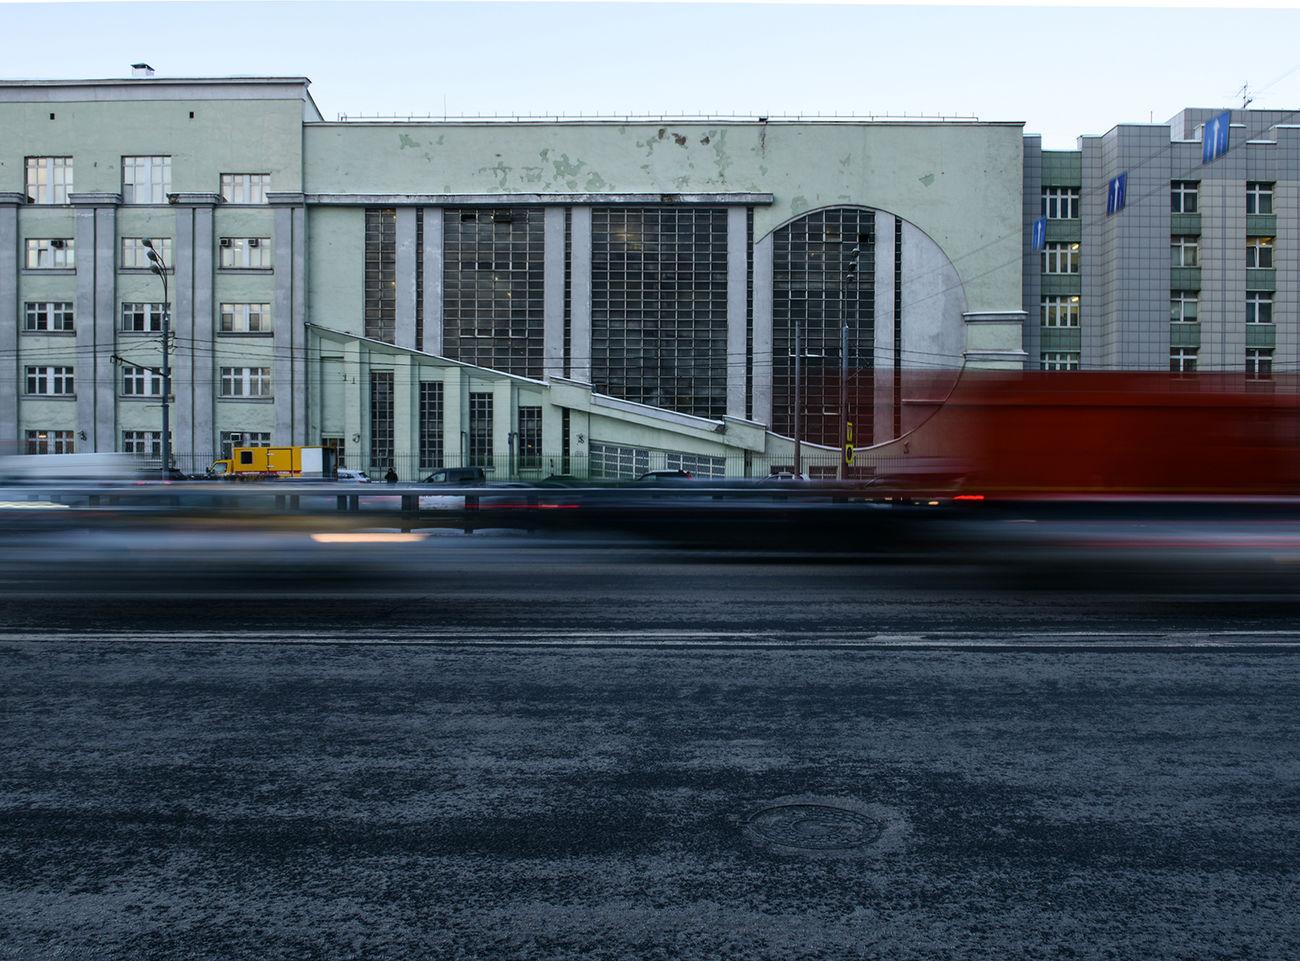 Konstantin Melnikov | Intourist Garage Moscow Architectural Feature Architecture Architecture Photography Architecture_collection Constructivism Moscow Urban Architecture Urban Geometry The Architect - 2017 EyeEm Awards